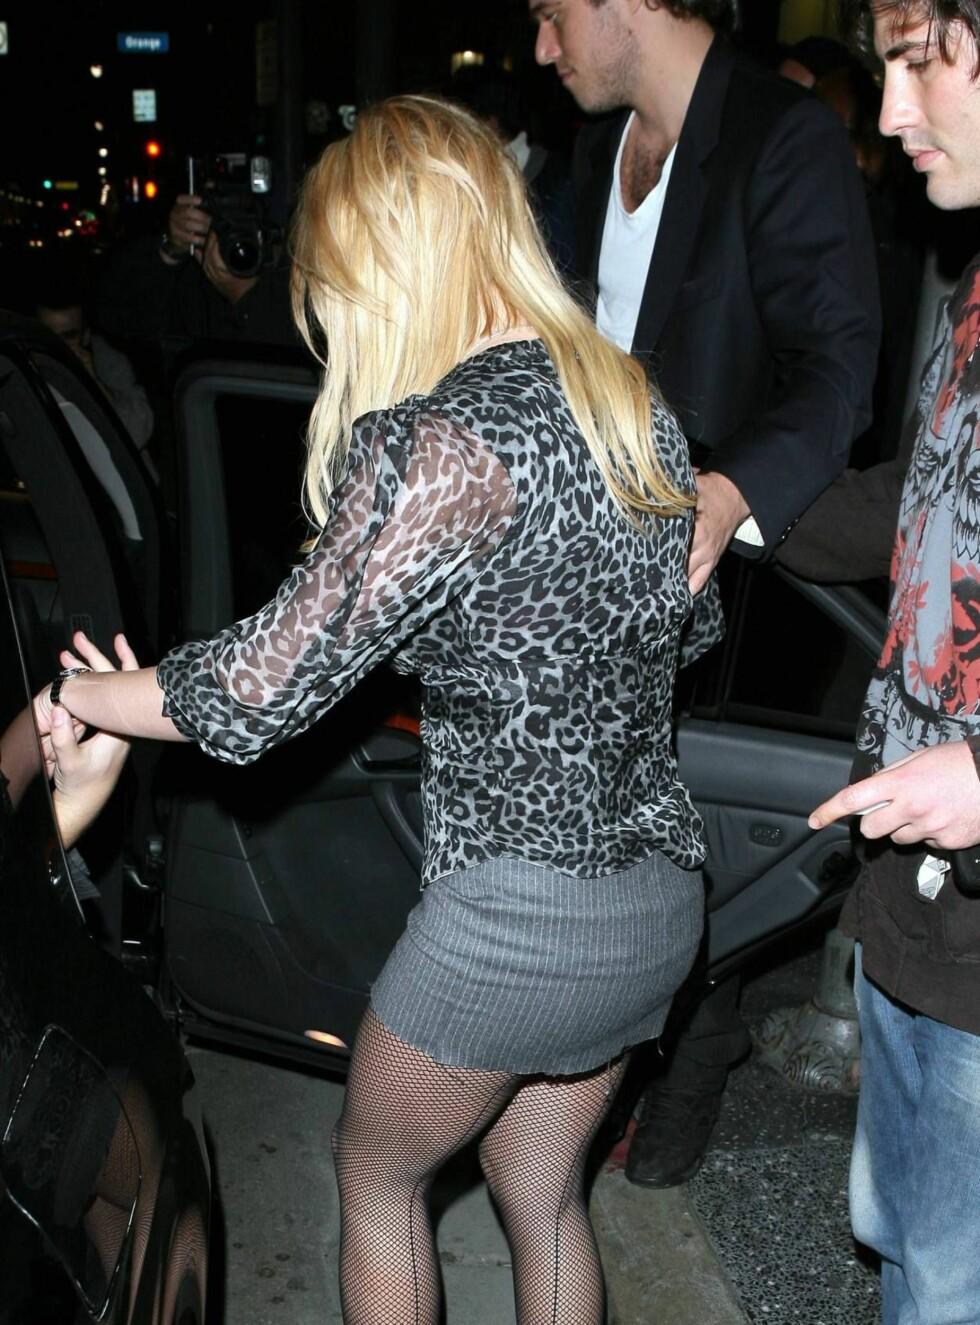 SAMMEN HJEM: Britney og Alex på vei inn i samme bil, etter å ha festen med sine bestevenner Paris hilton og Stavros Niarchos. Foto: All Over Press